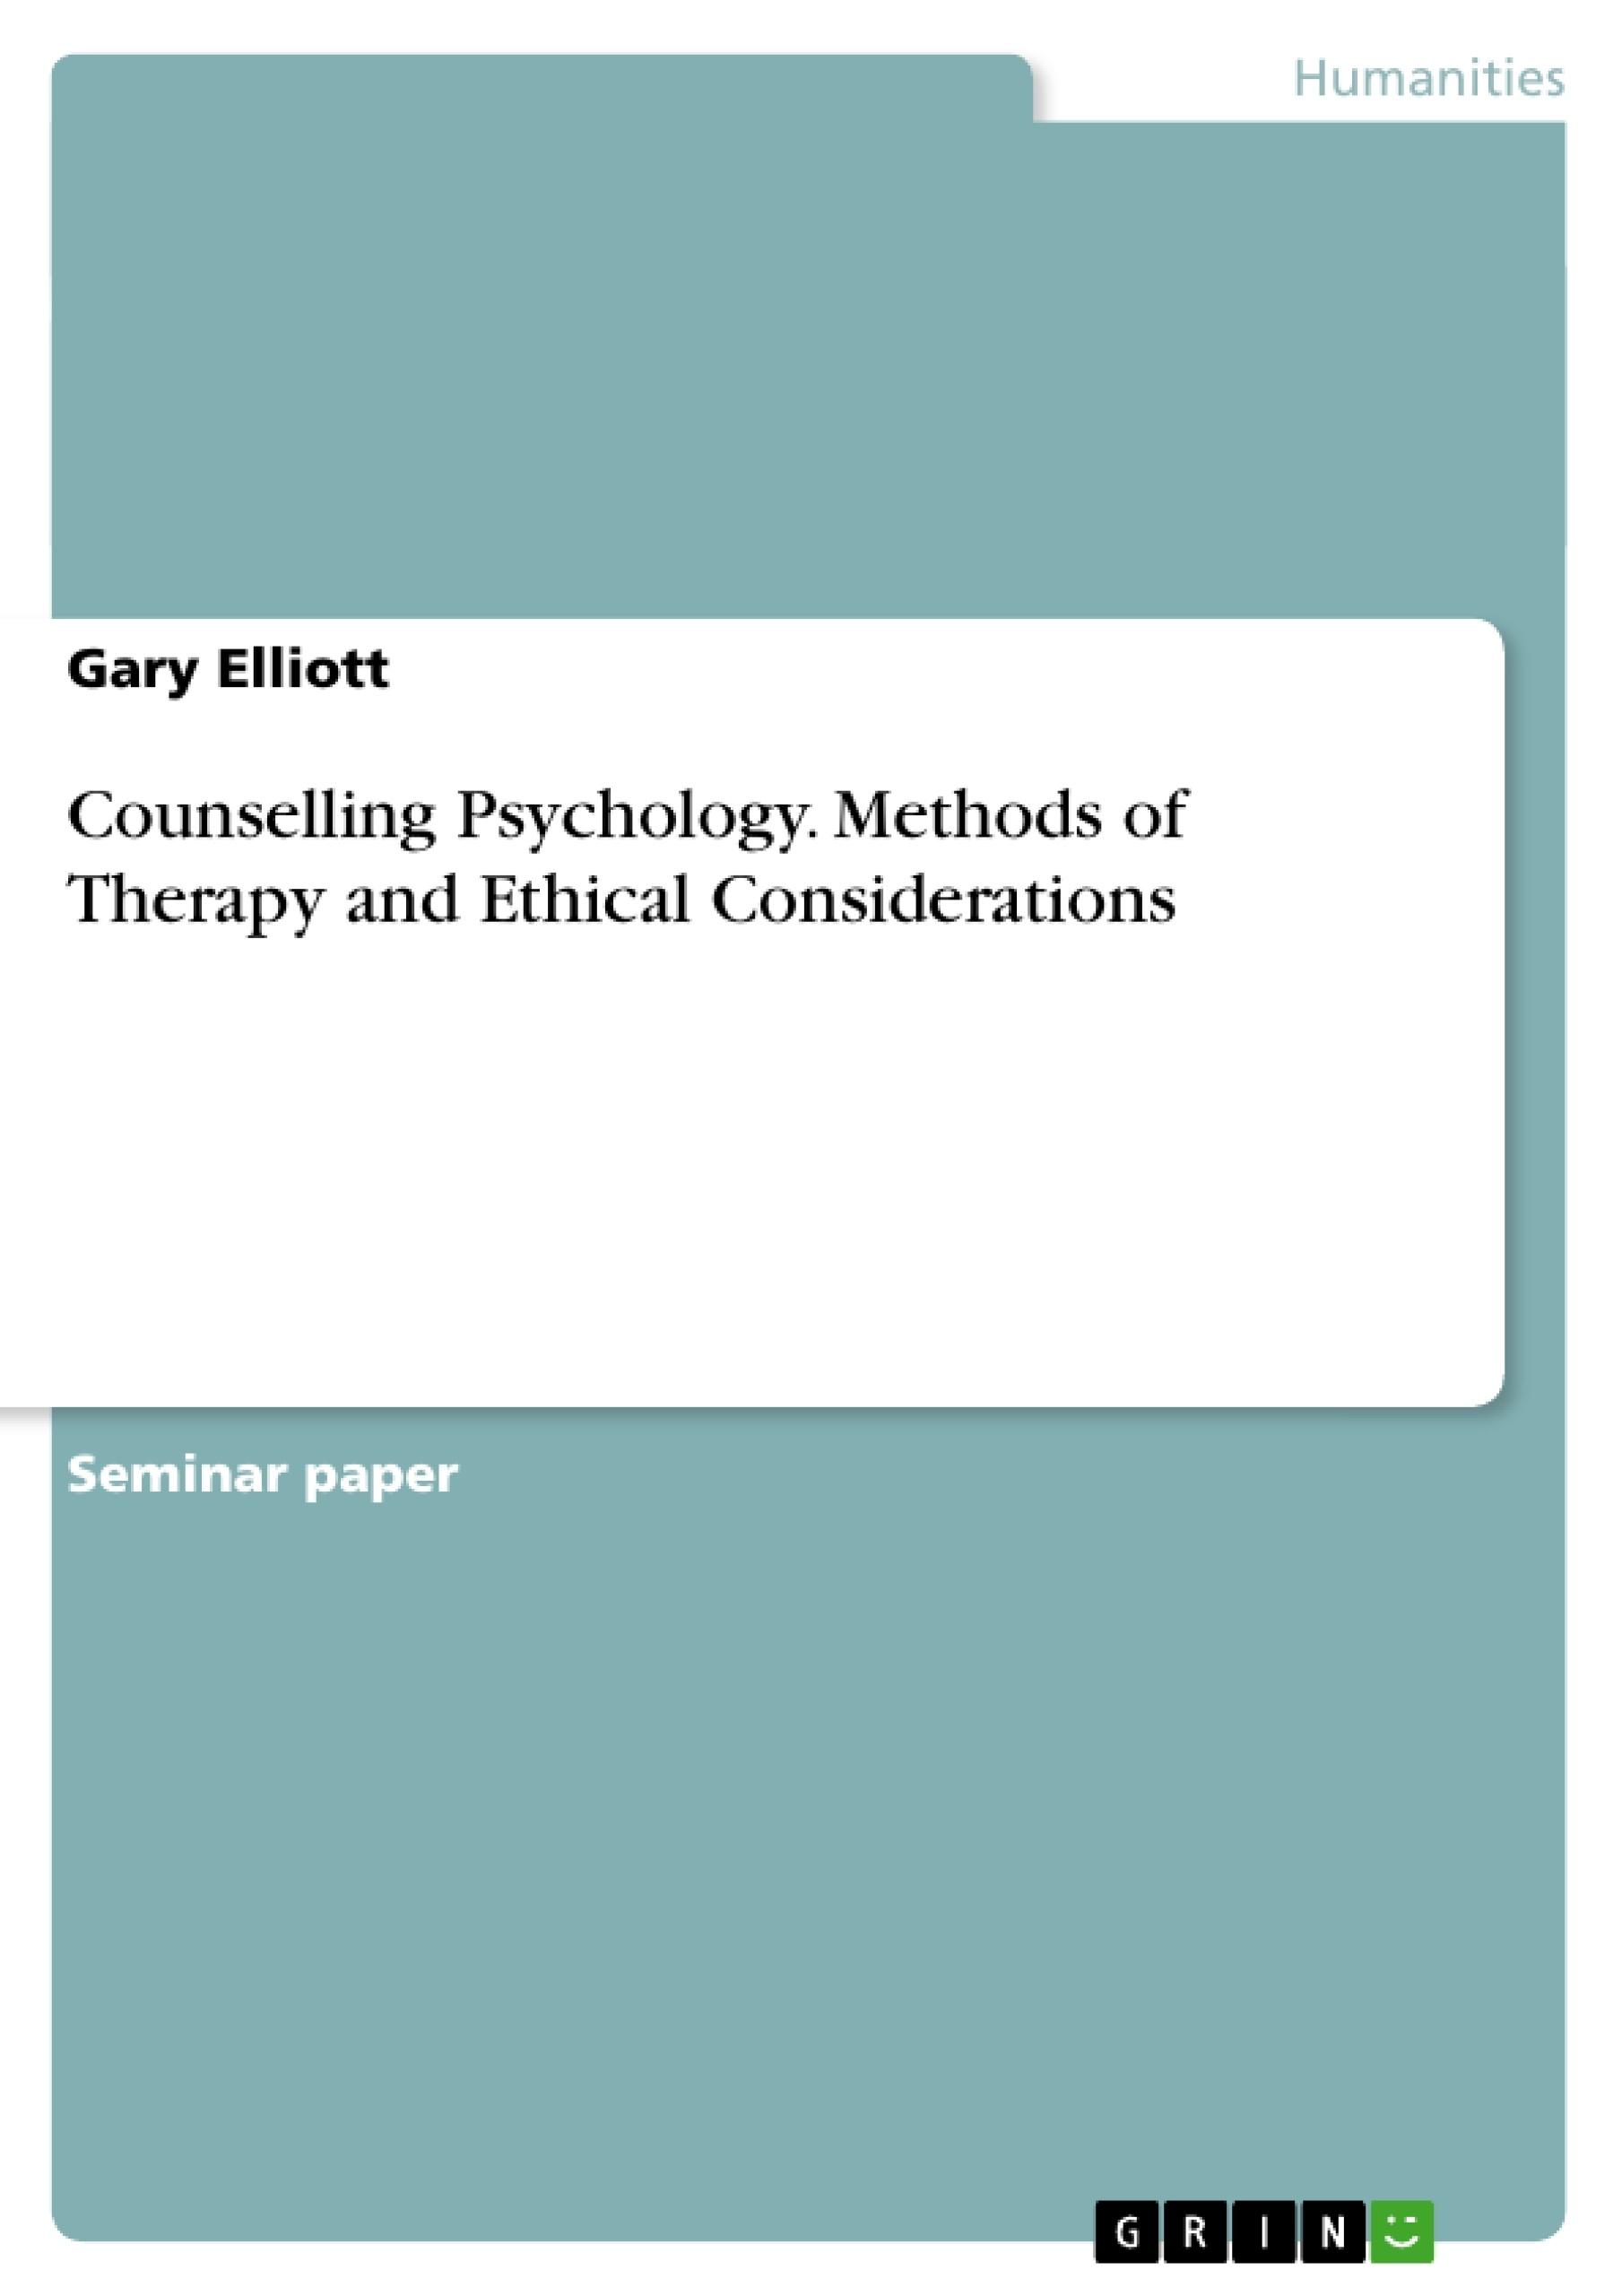 tissue ownership ethics